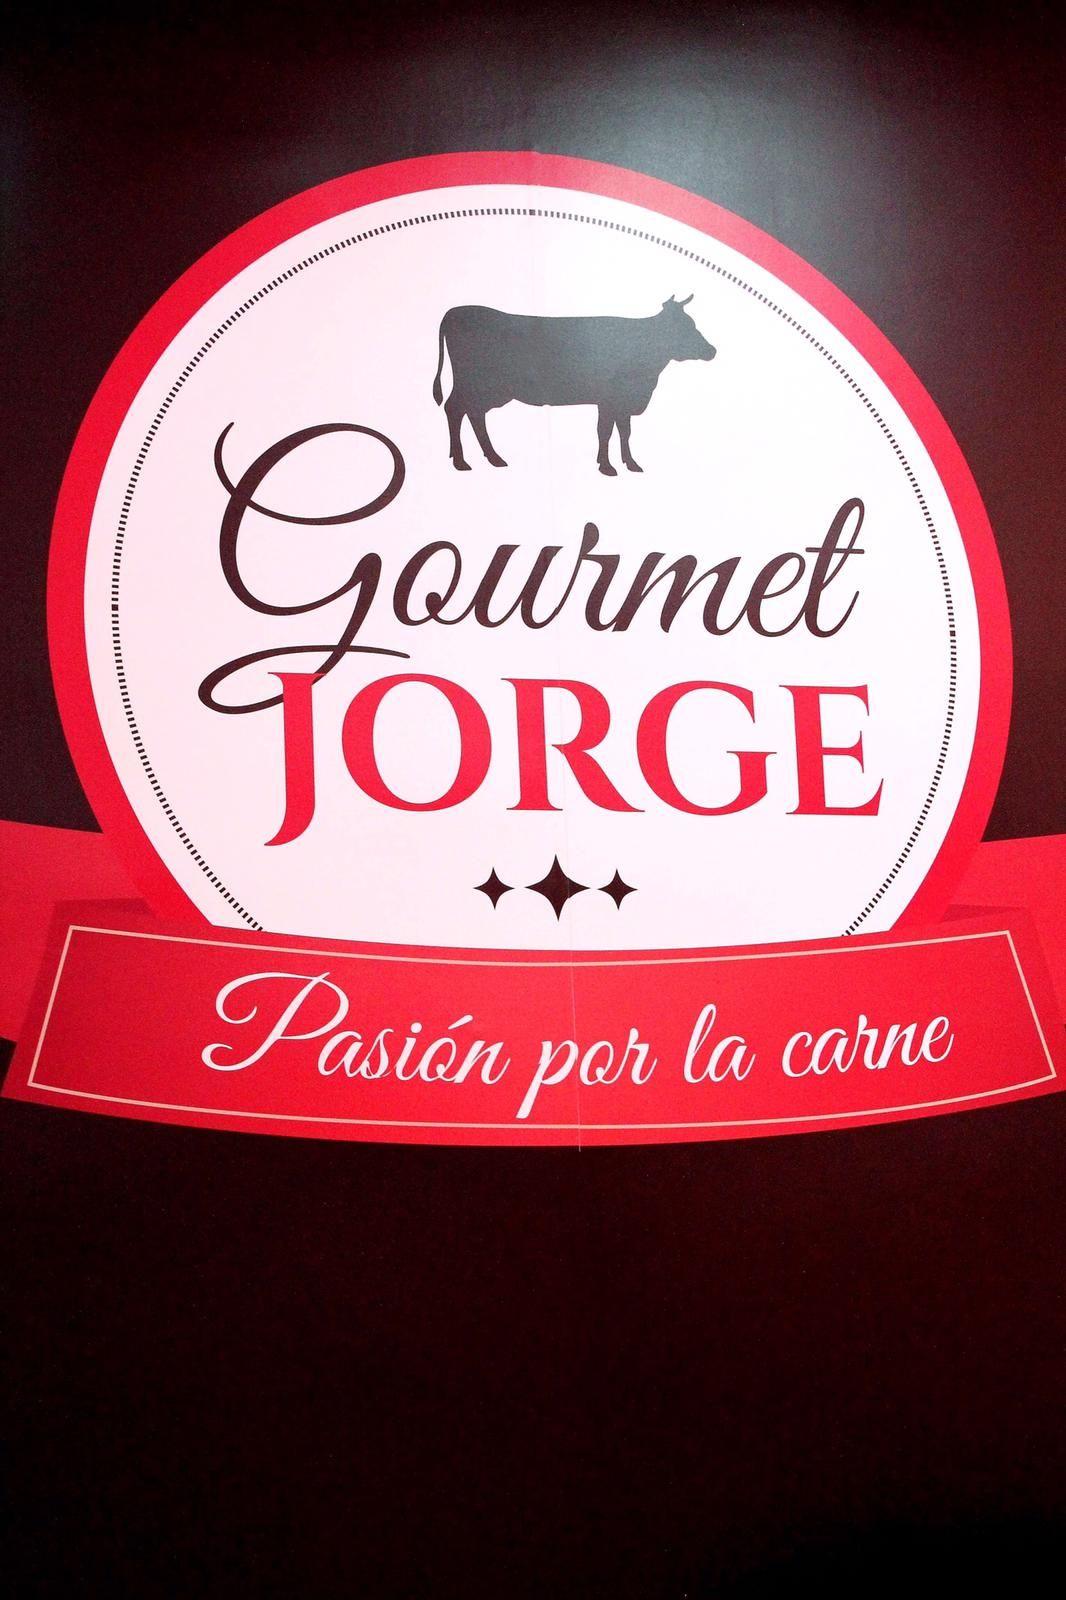 Foto 43 de Carnicerías en  | Gourmet Jorge